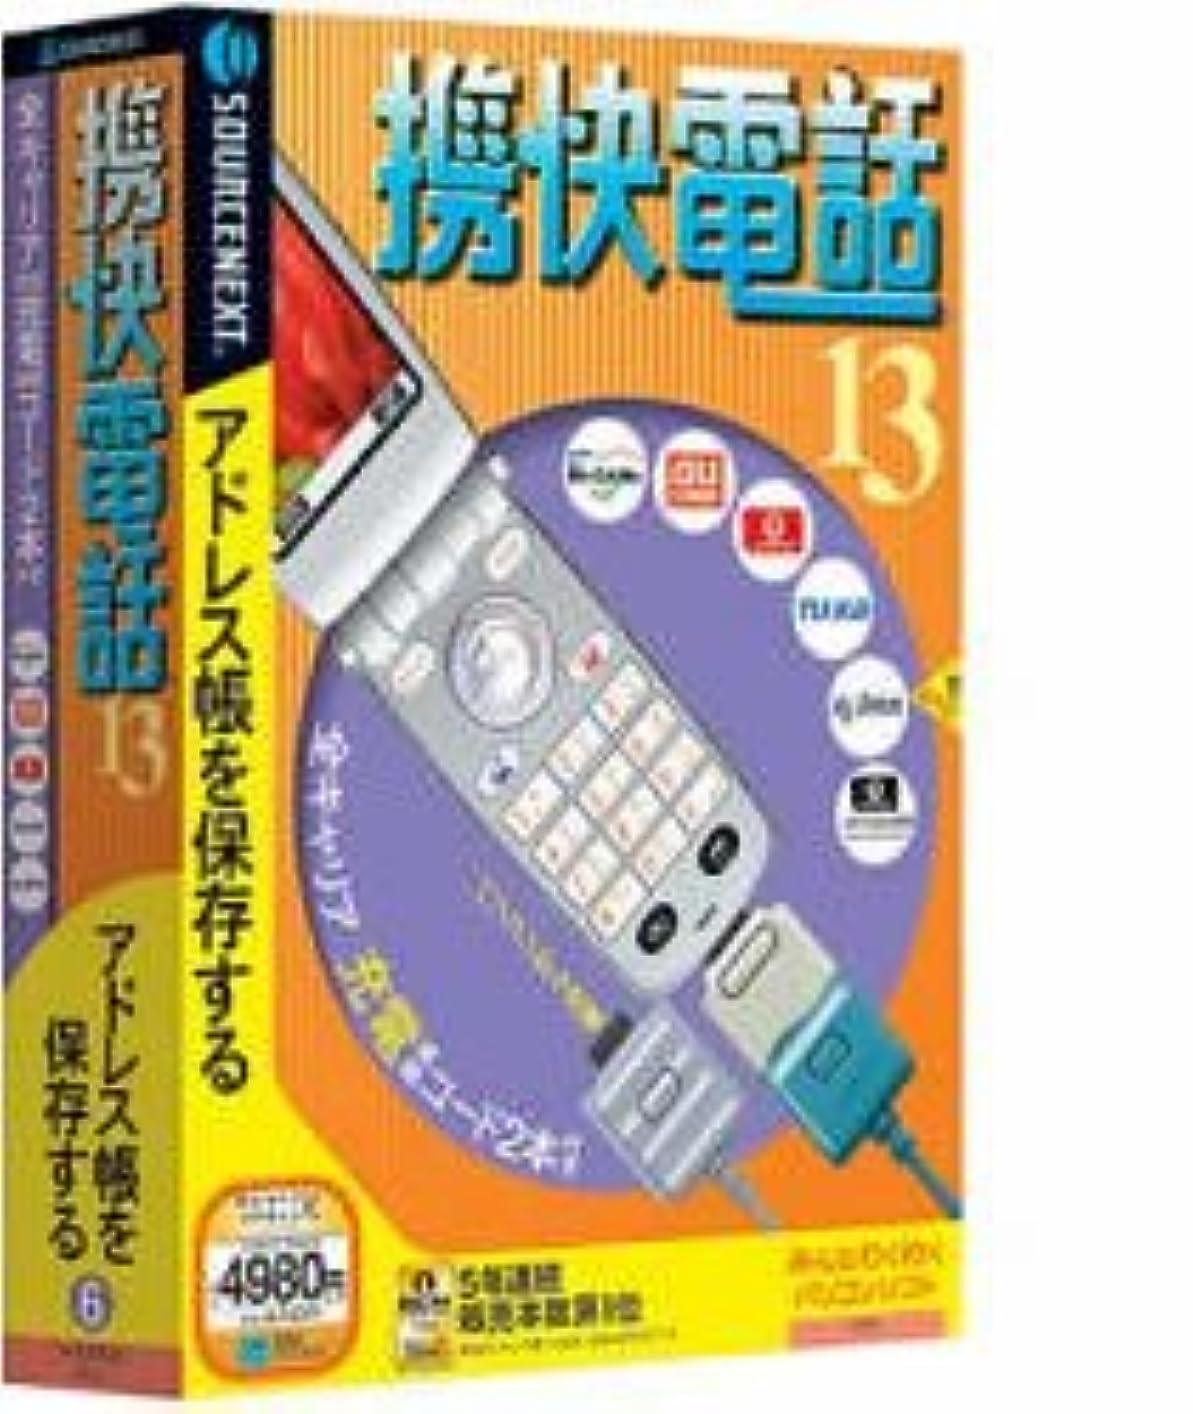 将来のつらい正気携快電話 13 全キャリア対応USB充電コード付き (説明扉付き厚型スリムパッケージ版)